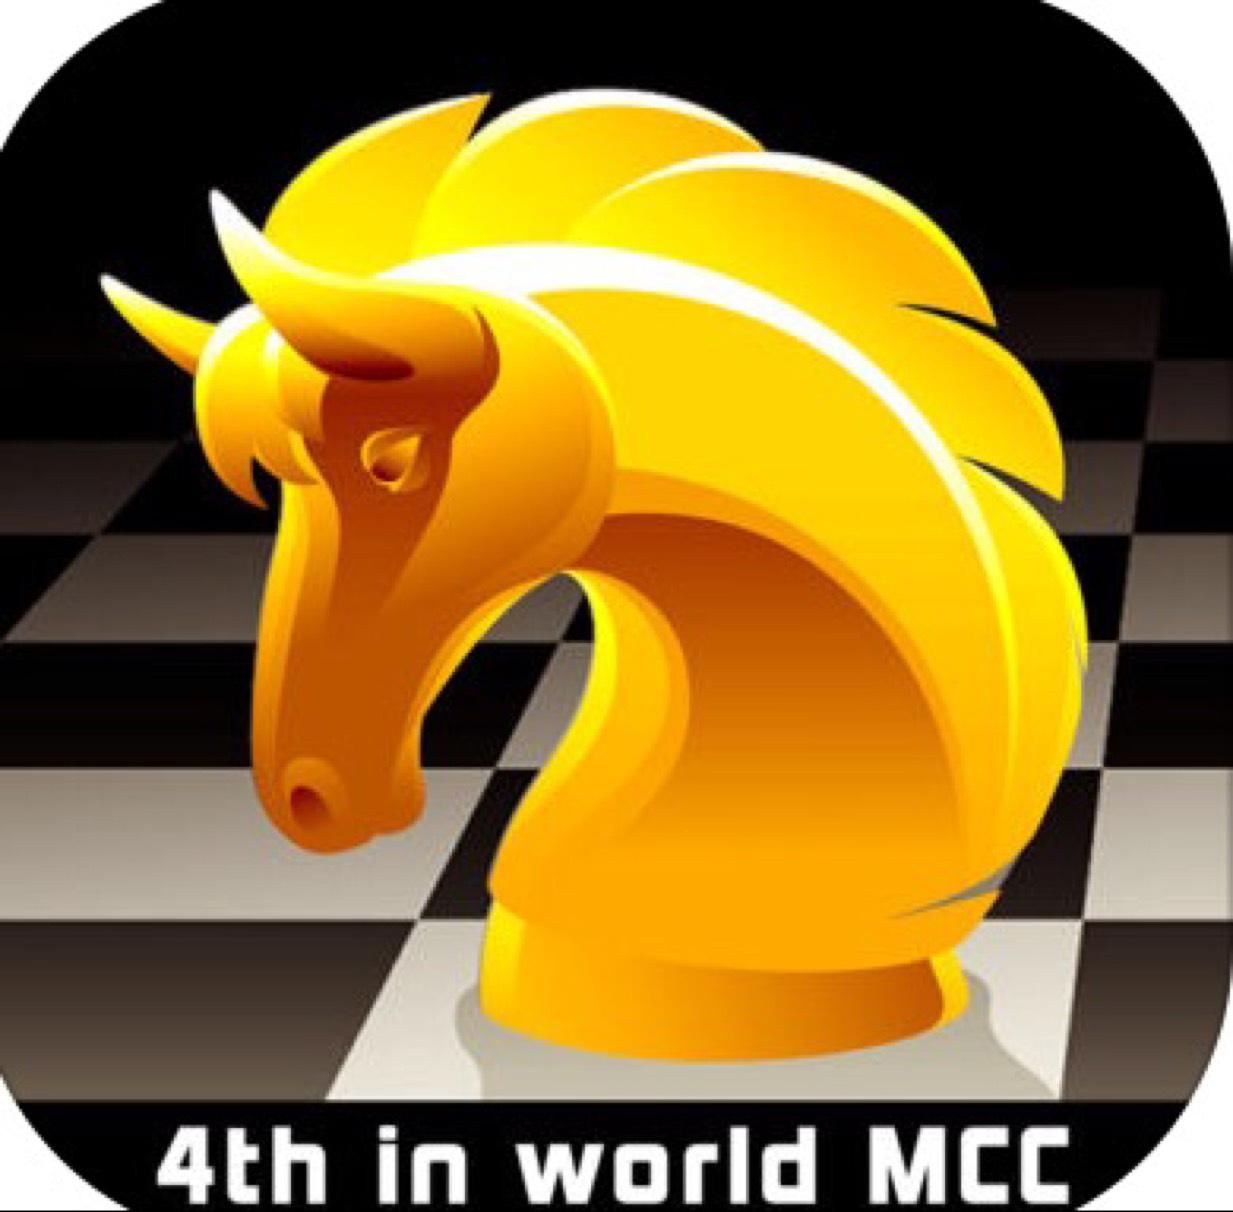 [iOS] Schach Trainer - Lernen, Spielen & Online reduziert statt zuletzt 2.89€